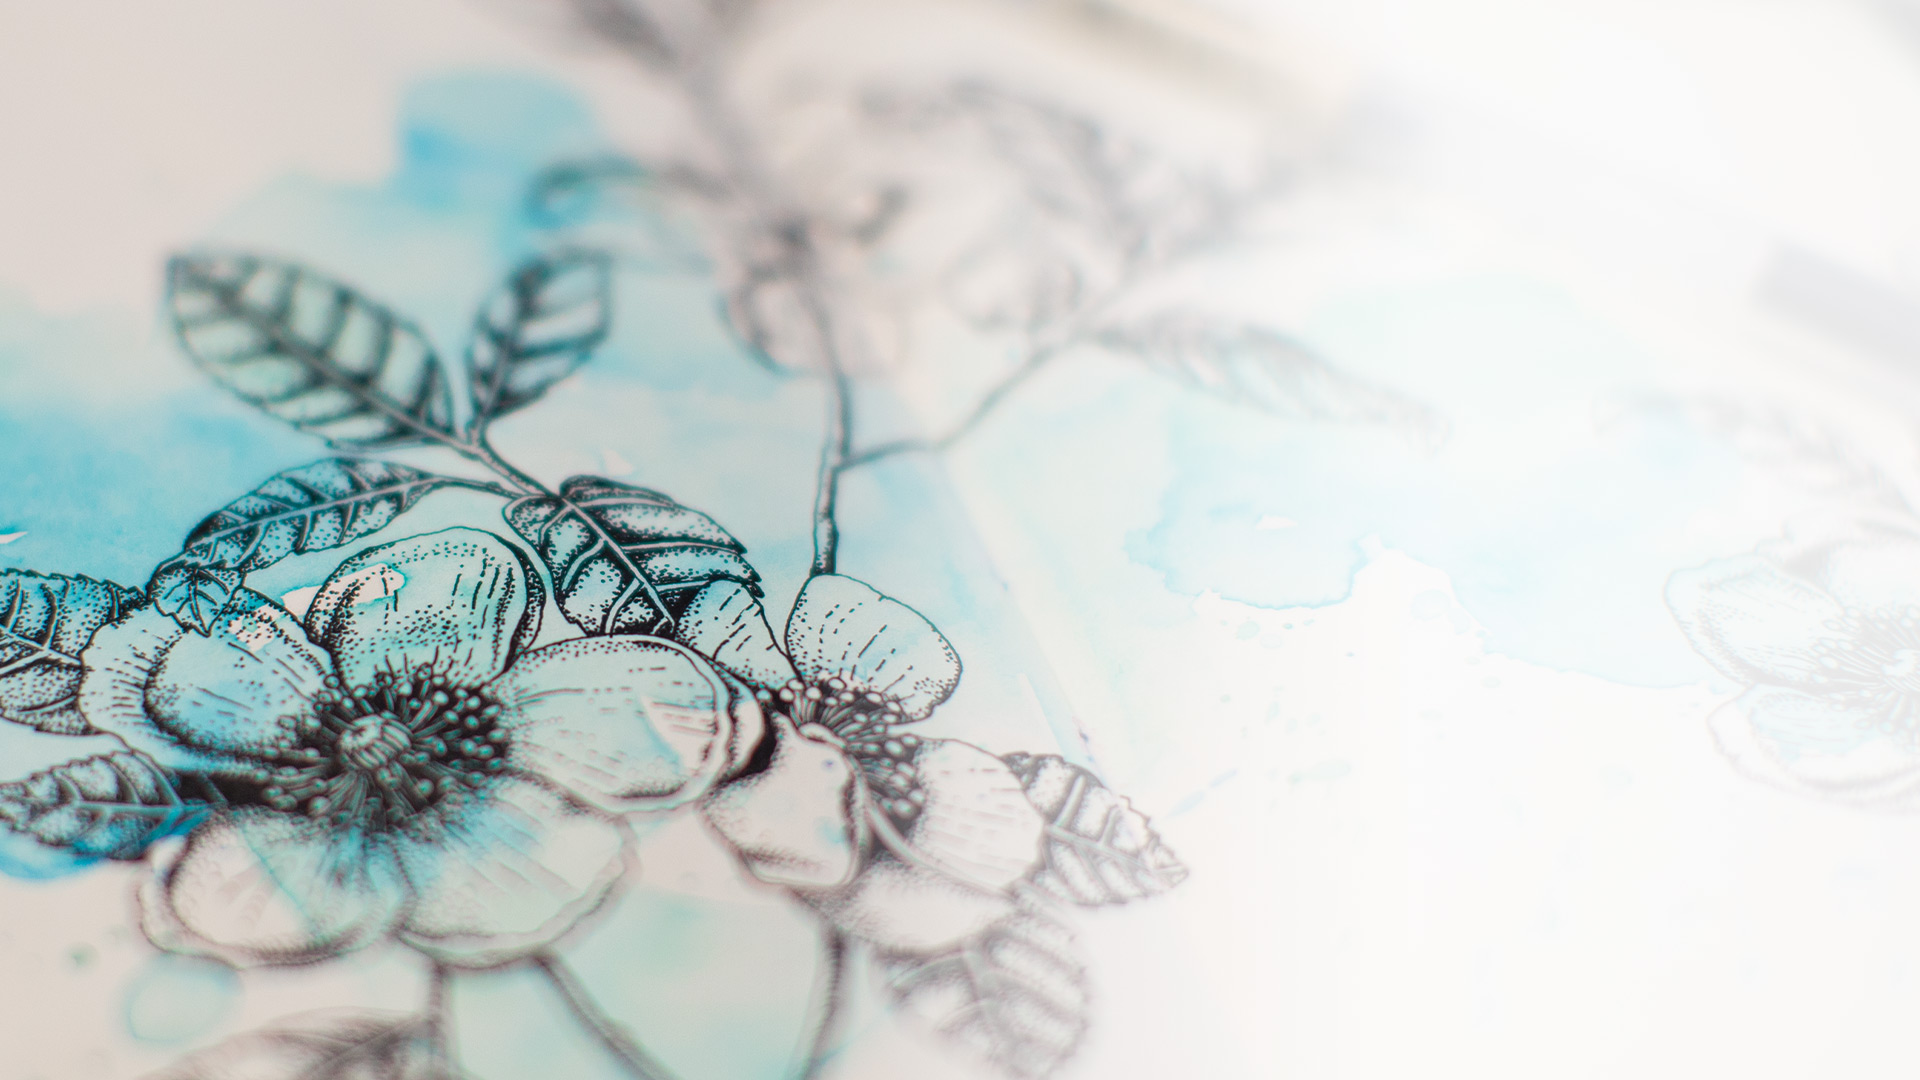 Sininen vesivärimaalaus kukista